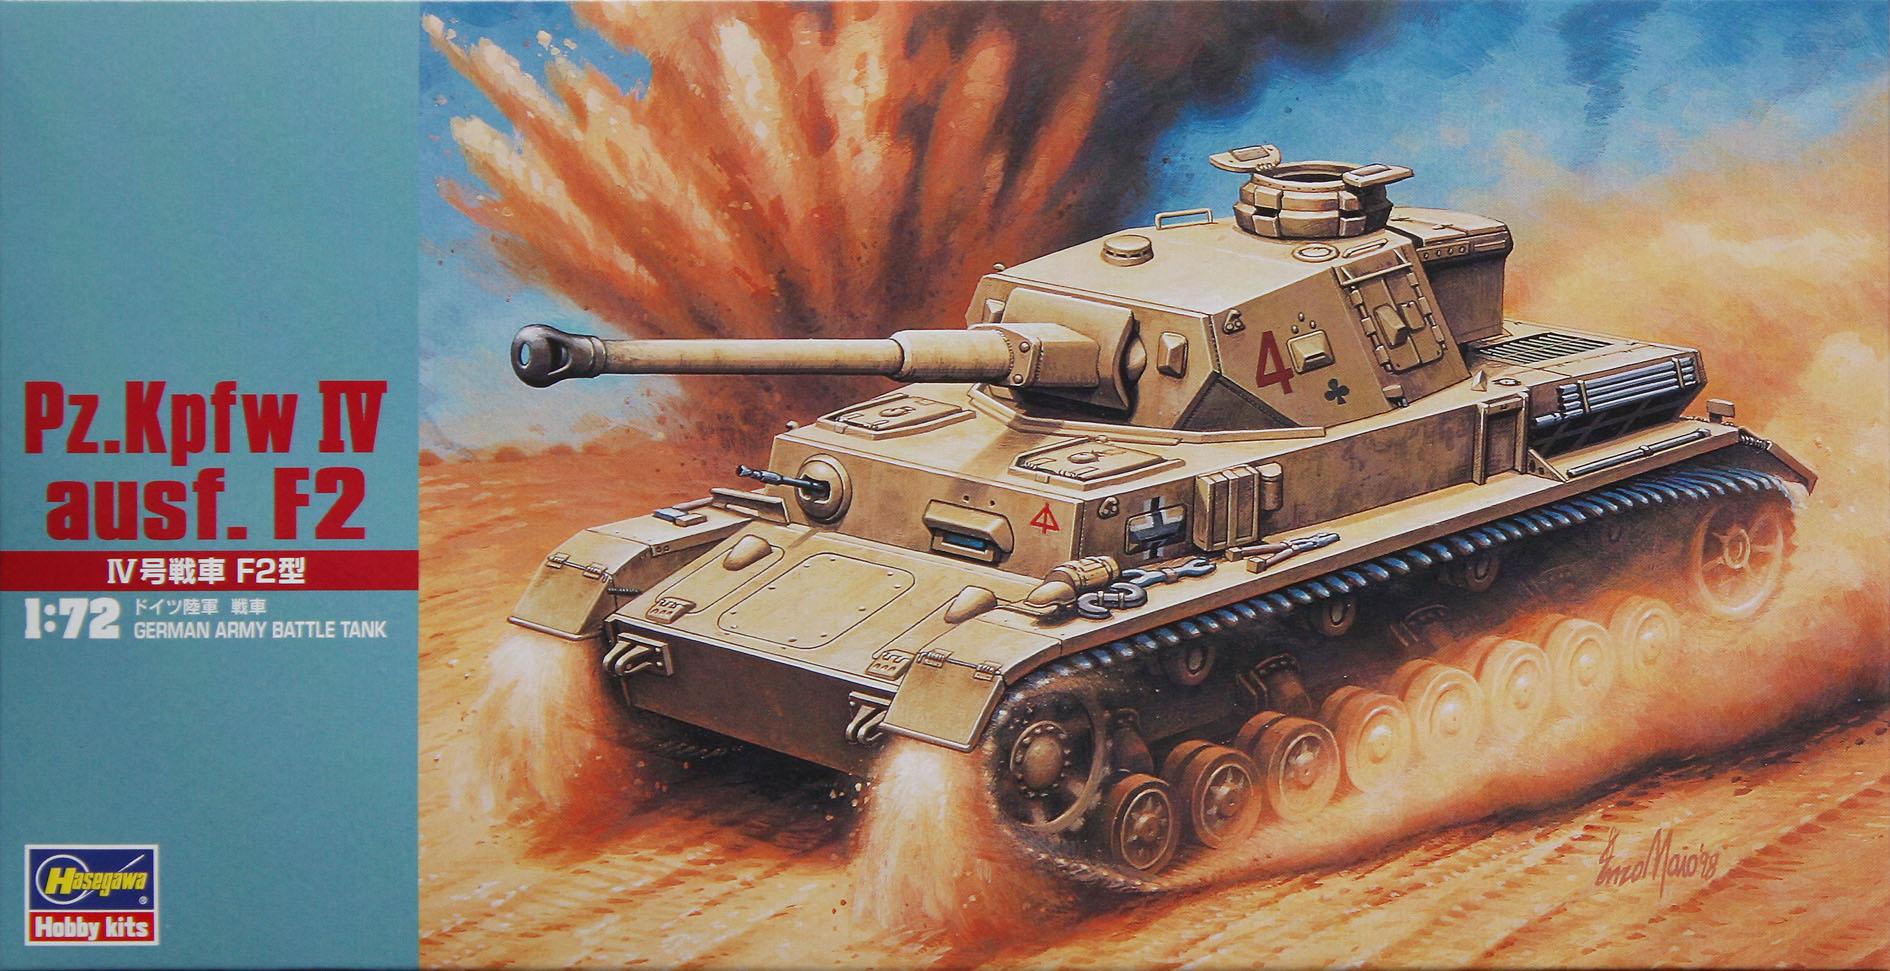 Hasegawa Pz.Kpfw IV Ausf. F2